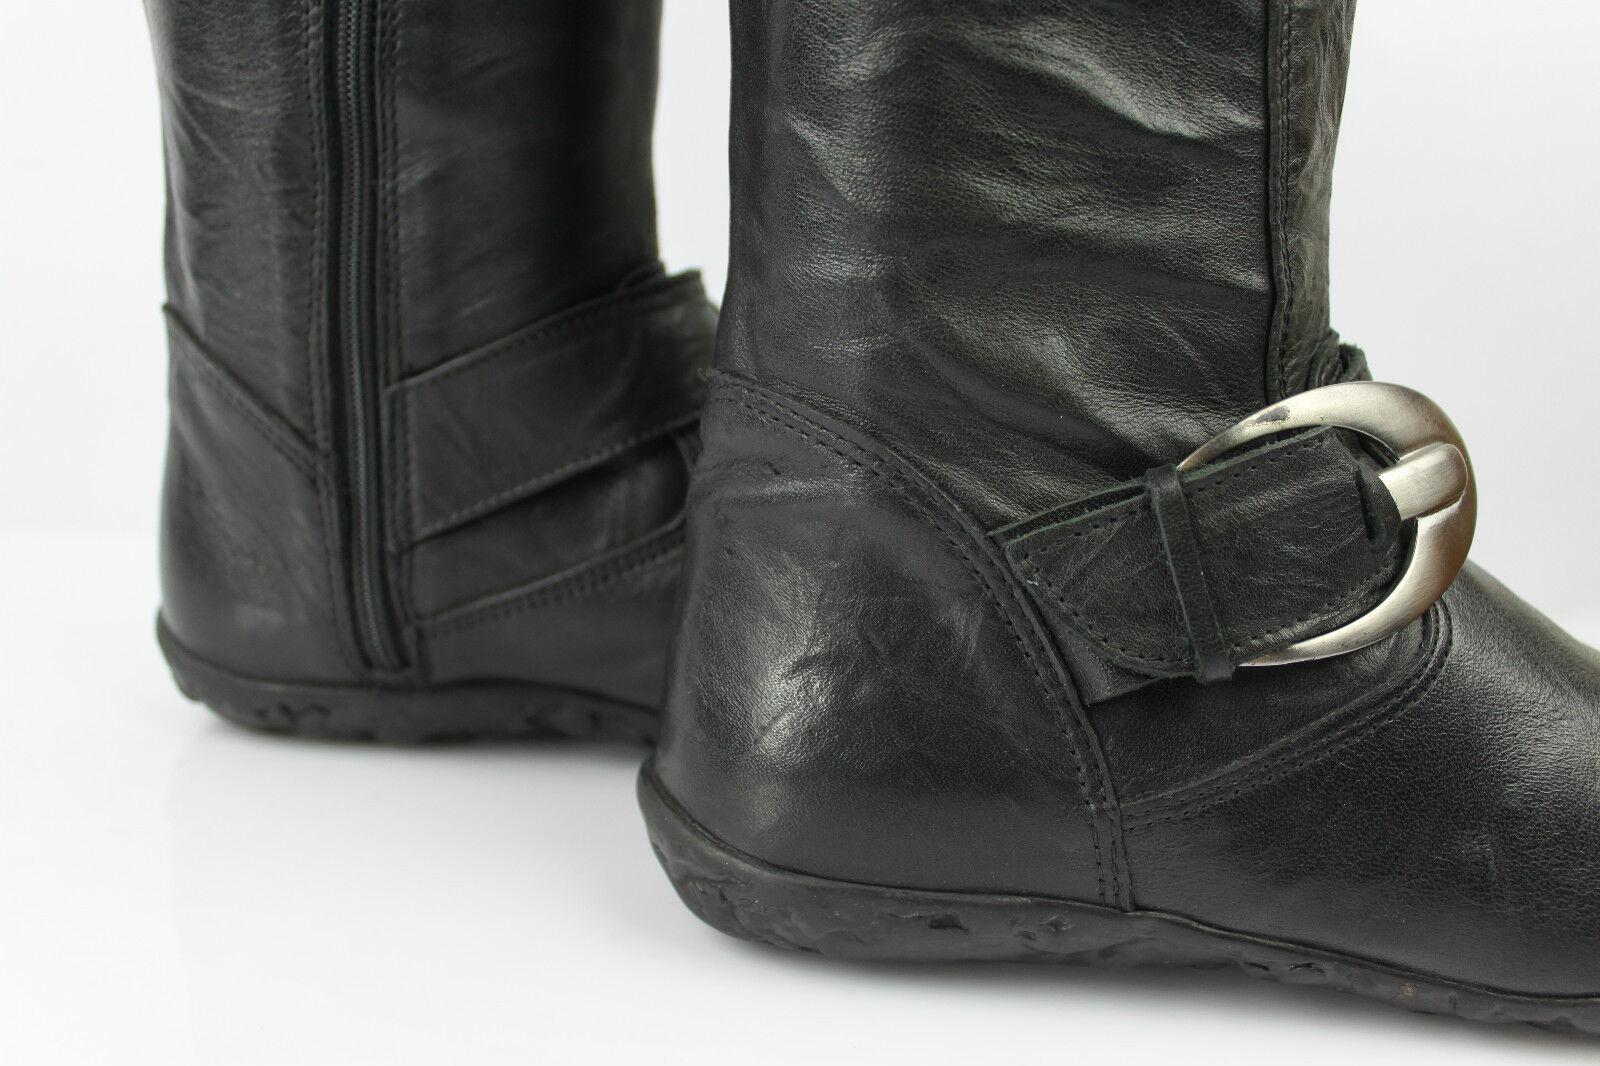 Bottes Cuir AYAME Cuir Bottes Noir T 37 TBE fa3c94